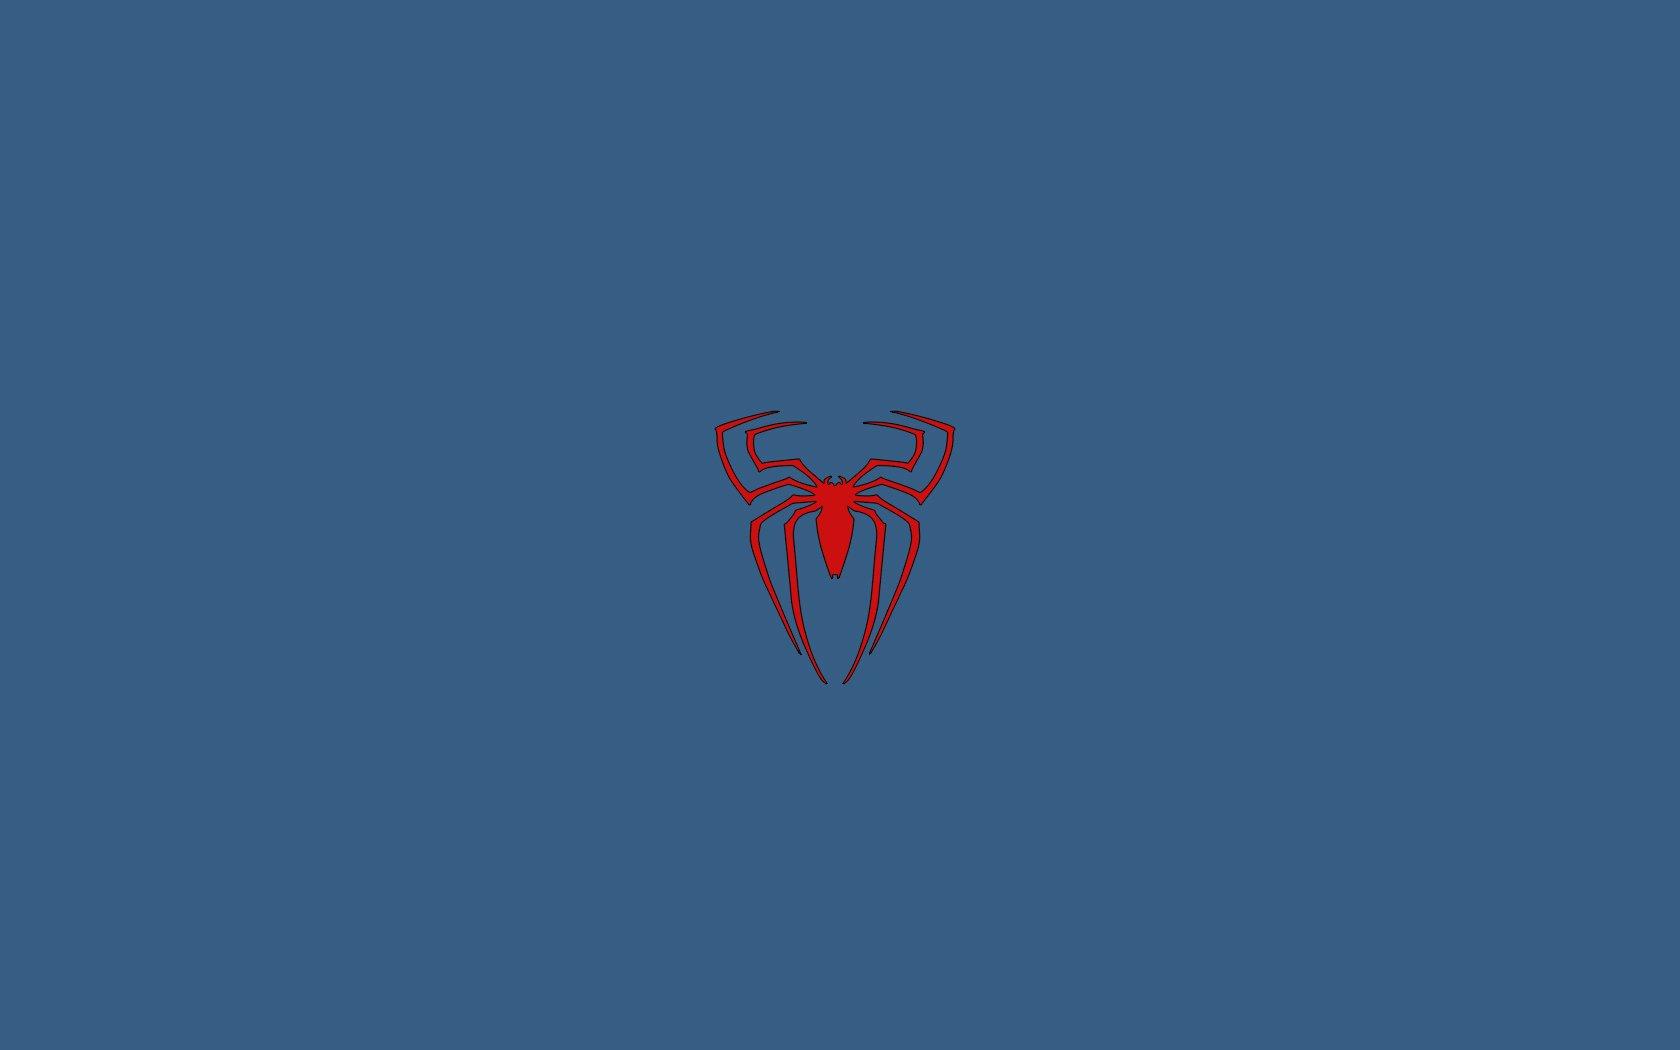 Spiderman logo wallpaper wallpapersafari - Wallpapers sites list ...